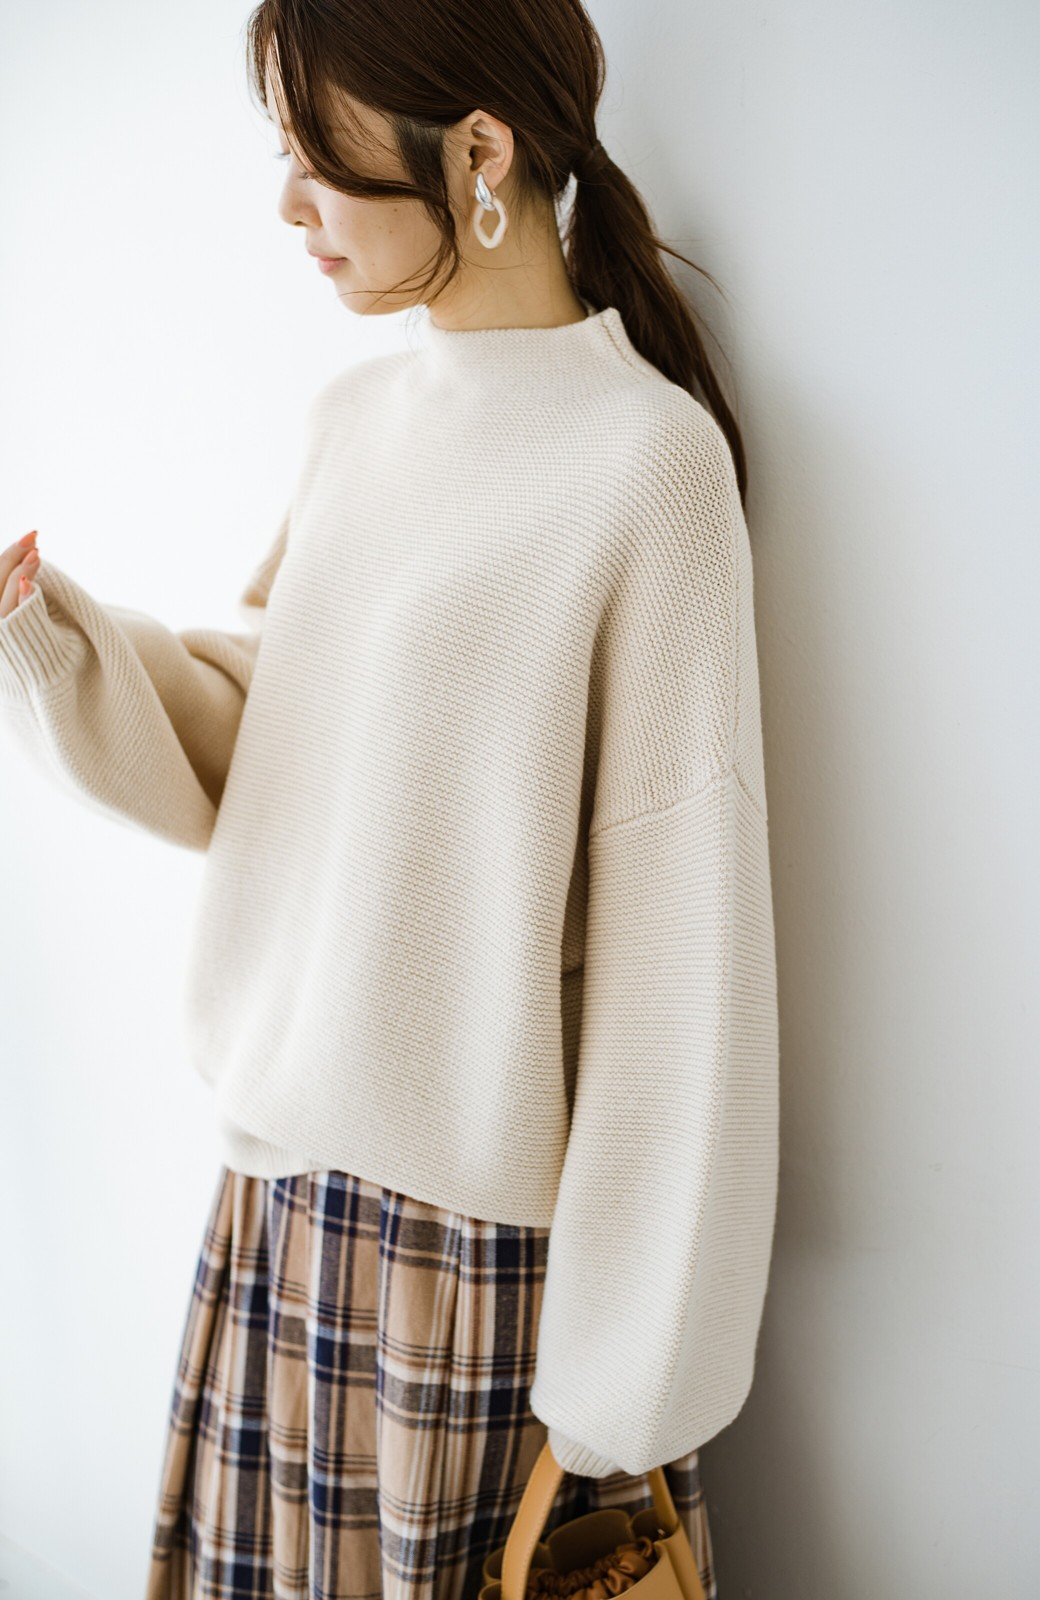 haco! ゆるシルエットも大人っぽい雰囲気にしてくれる 編地がきれいなハイネックニットトップス <オフホワイト>の商品写真6